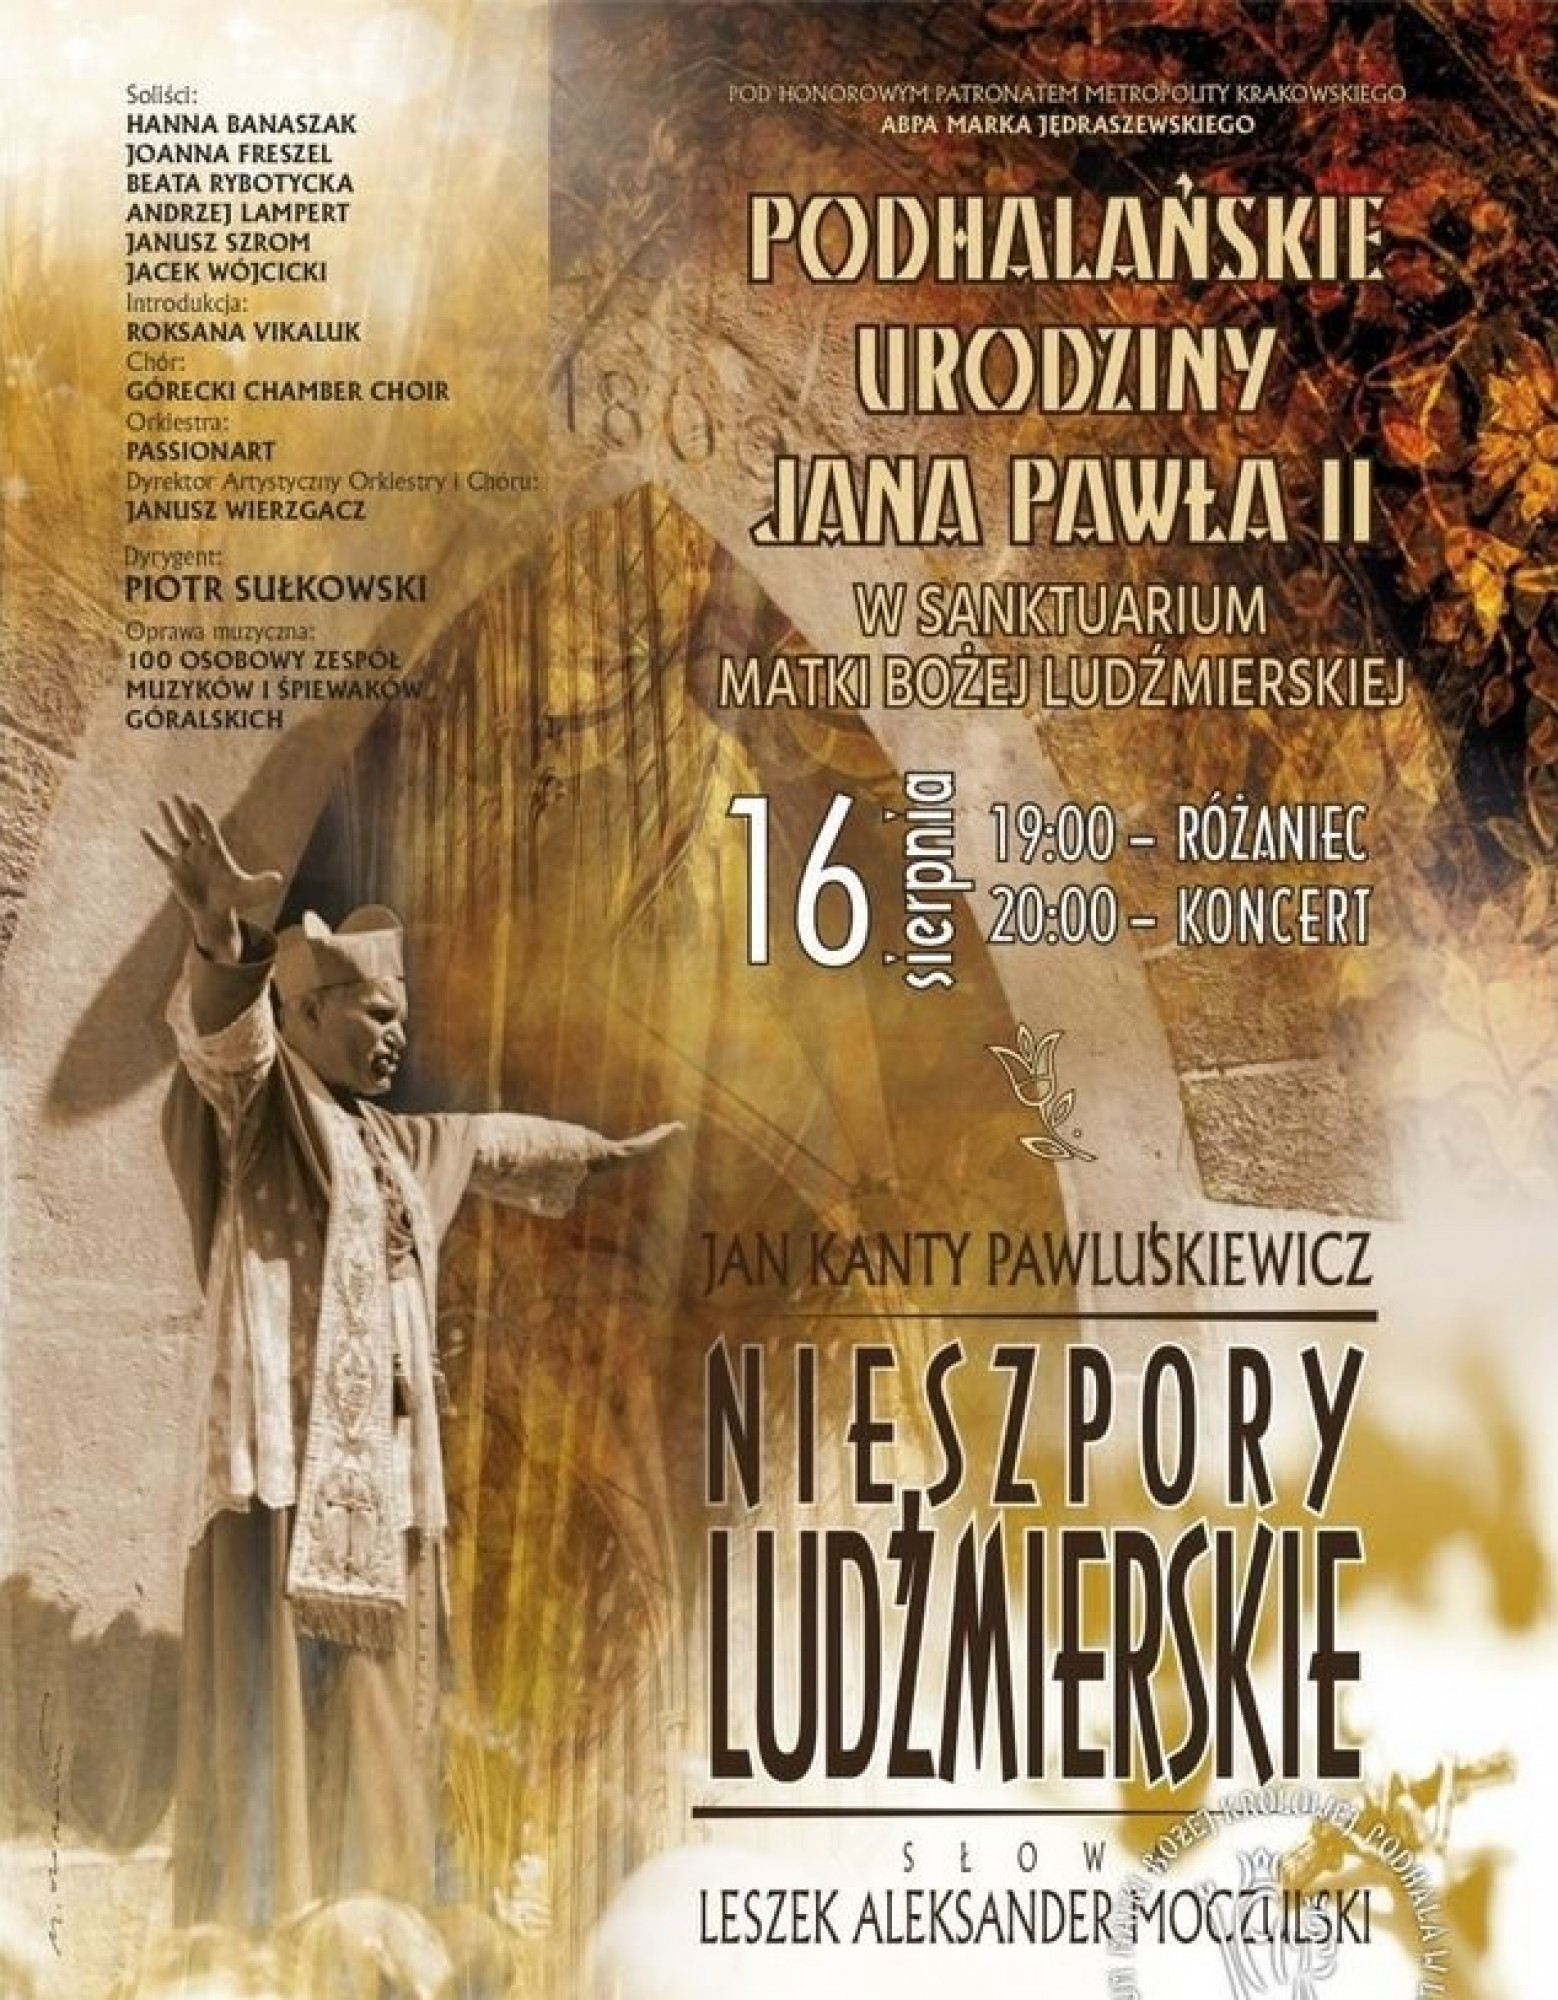 Oratorium Nieszpory Ludźmierskie